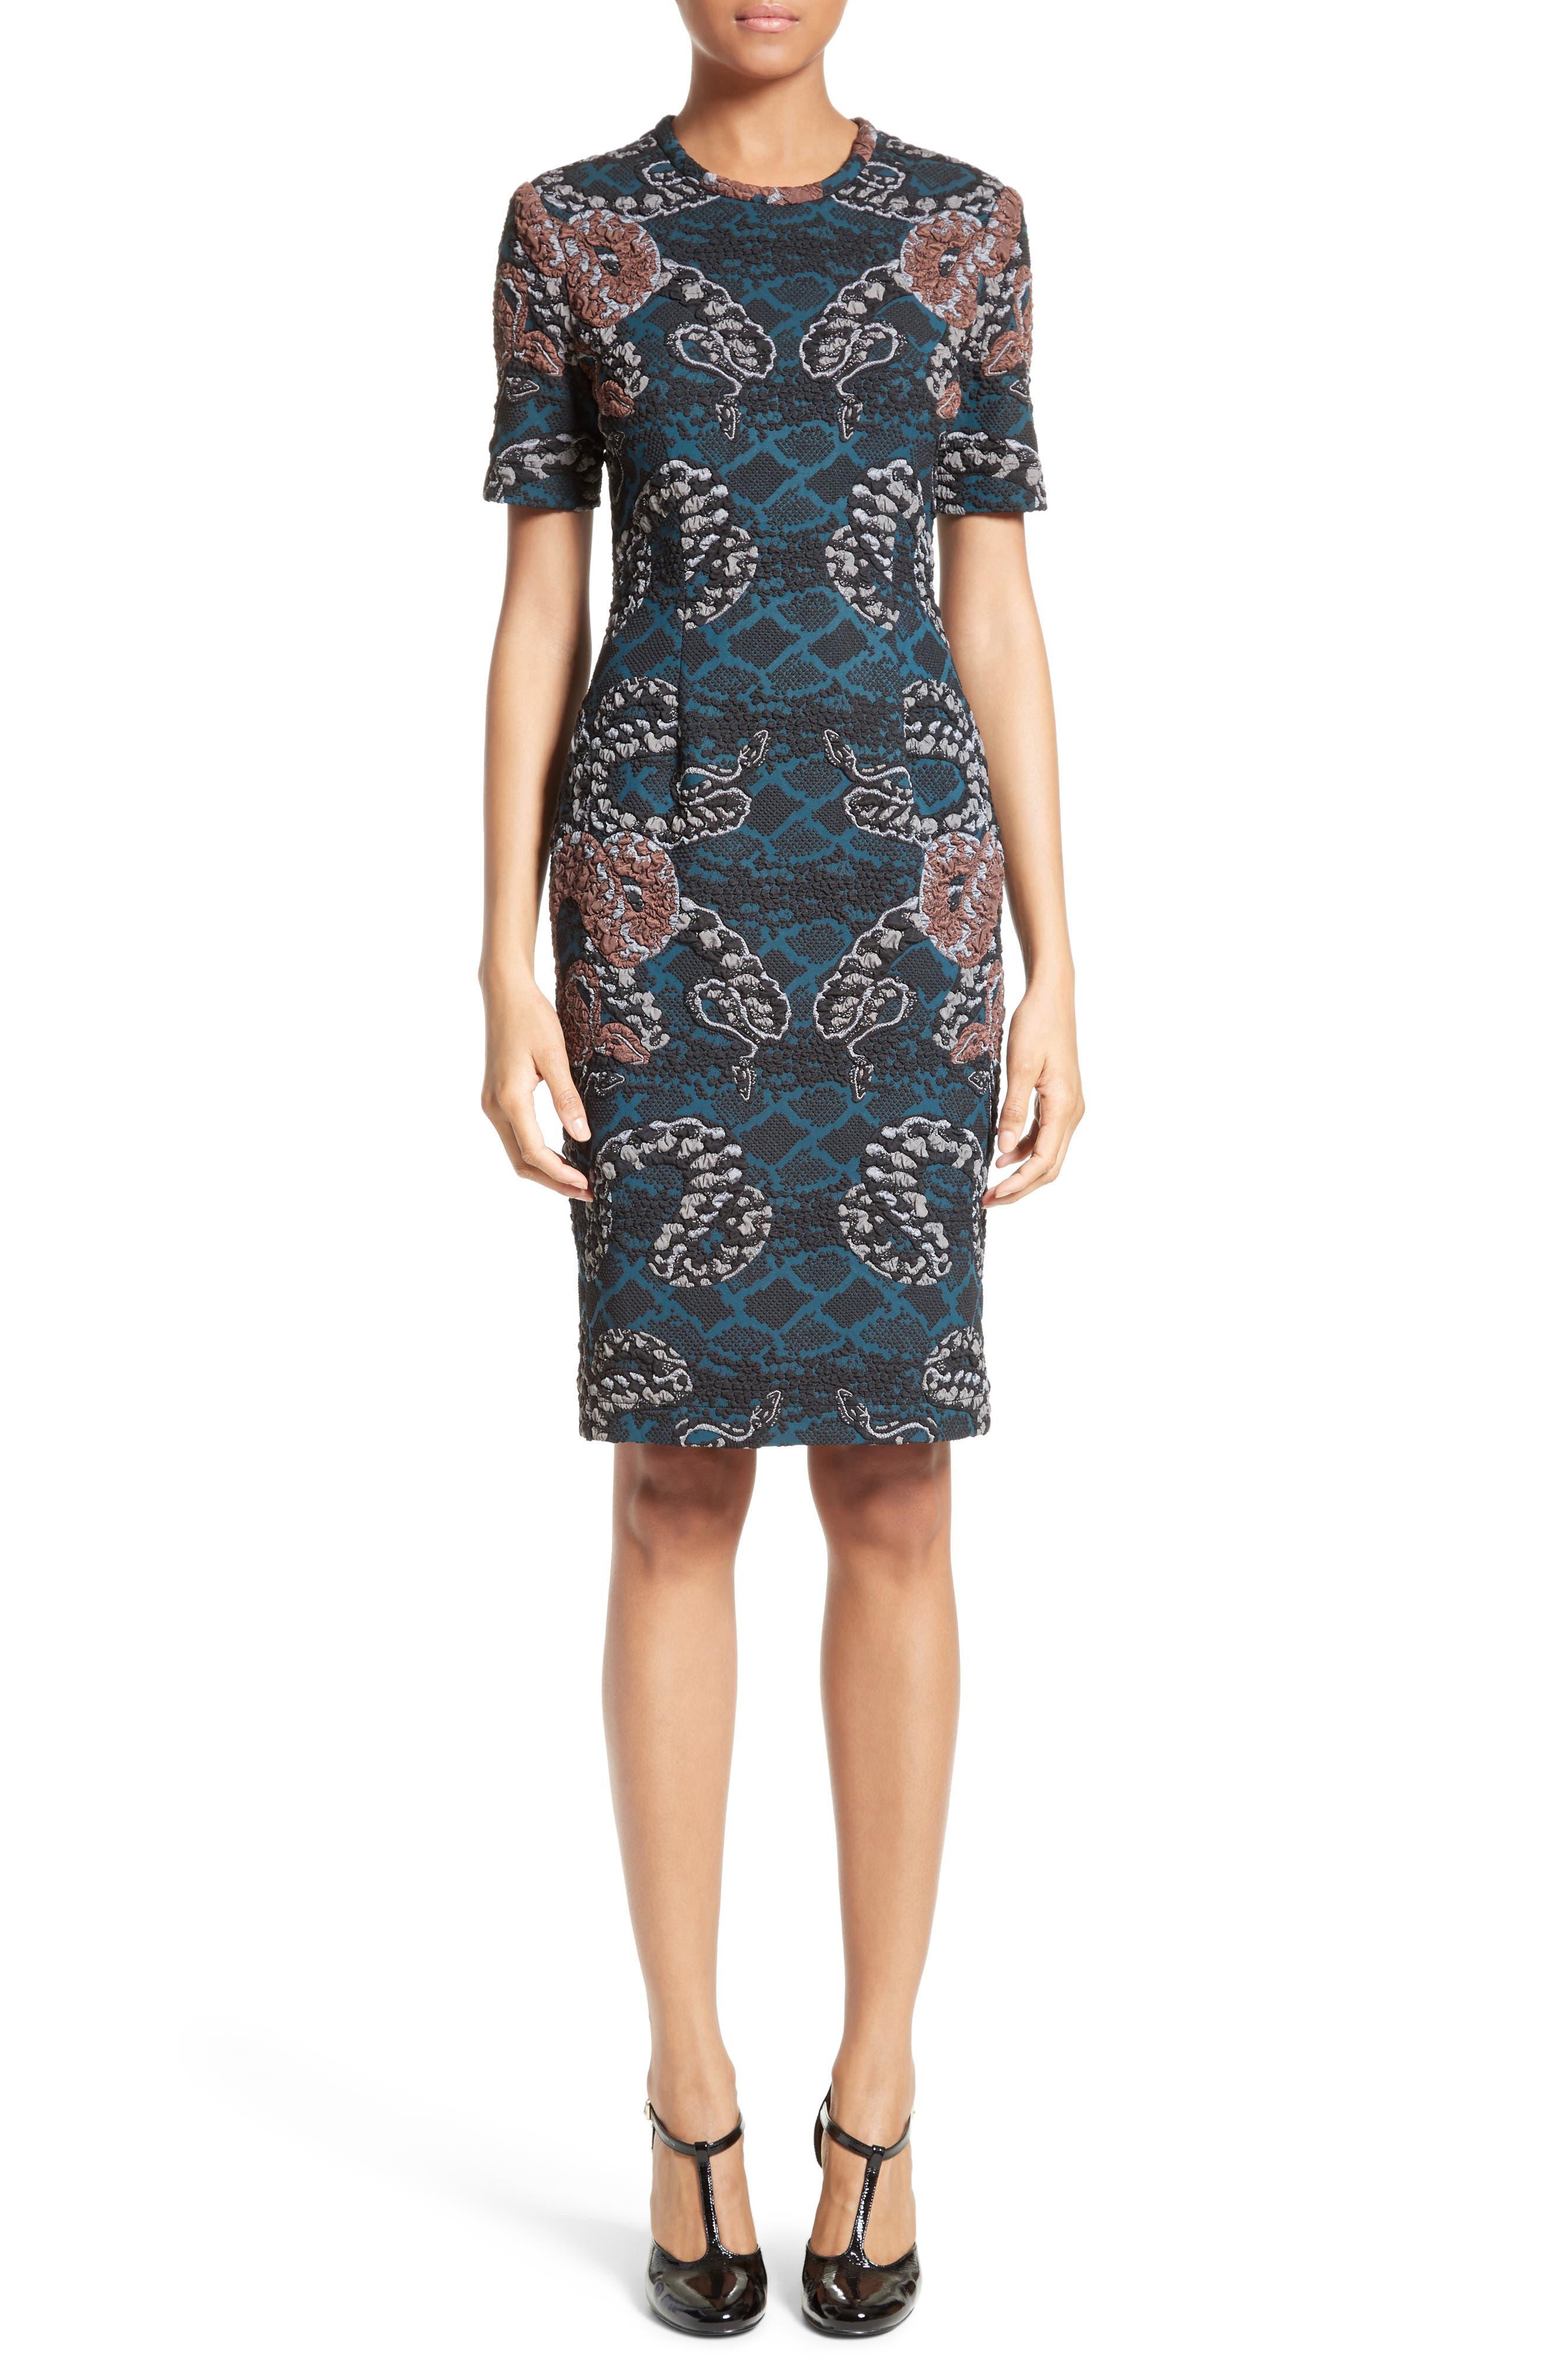 Main Image - Yigal Azrouël Serpent Jacquard Dress